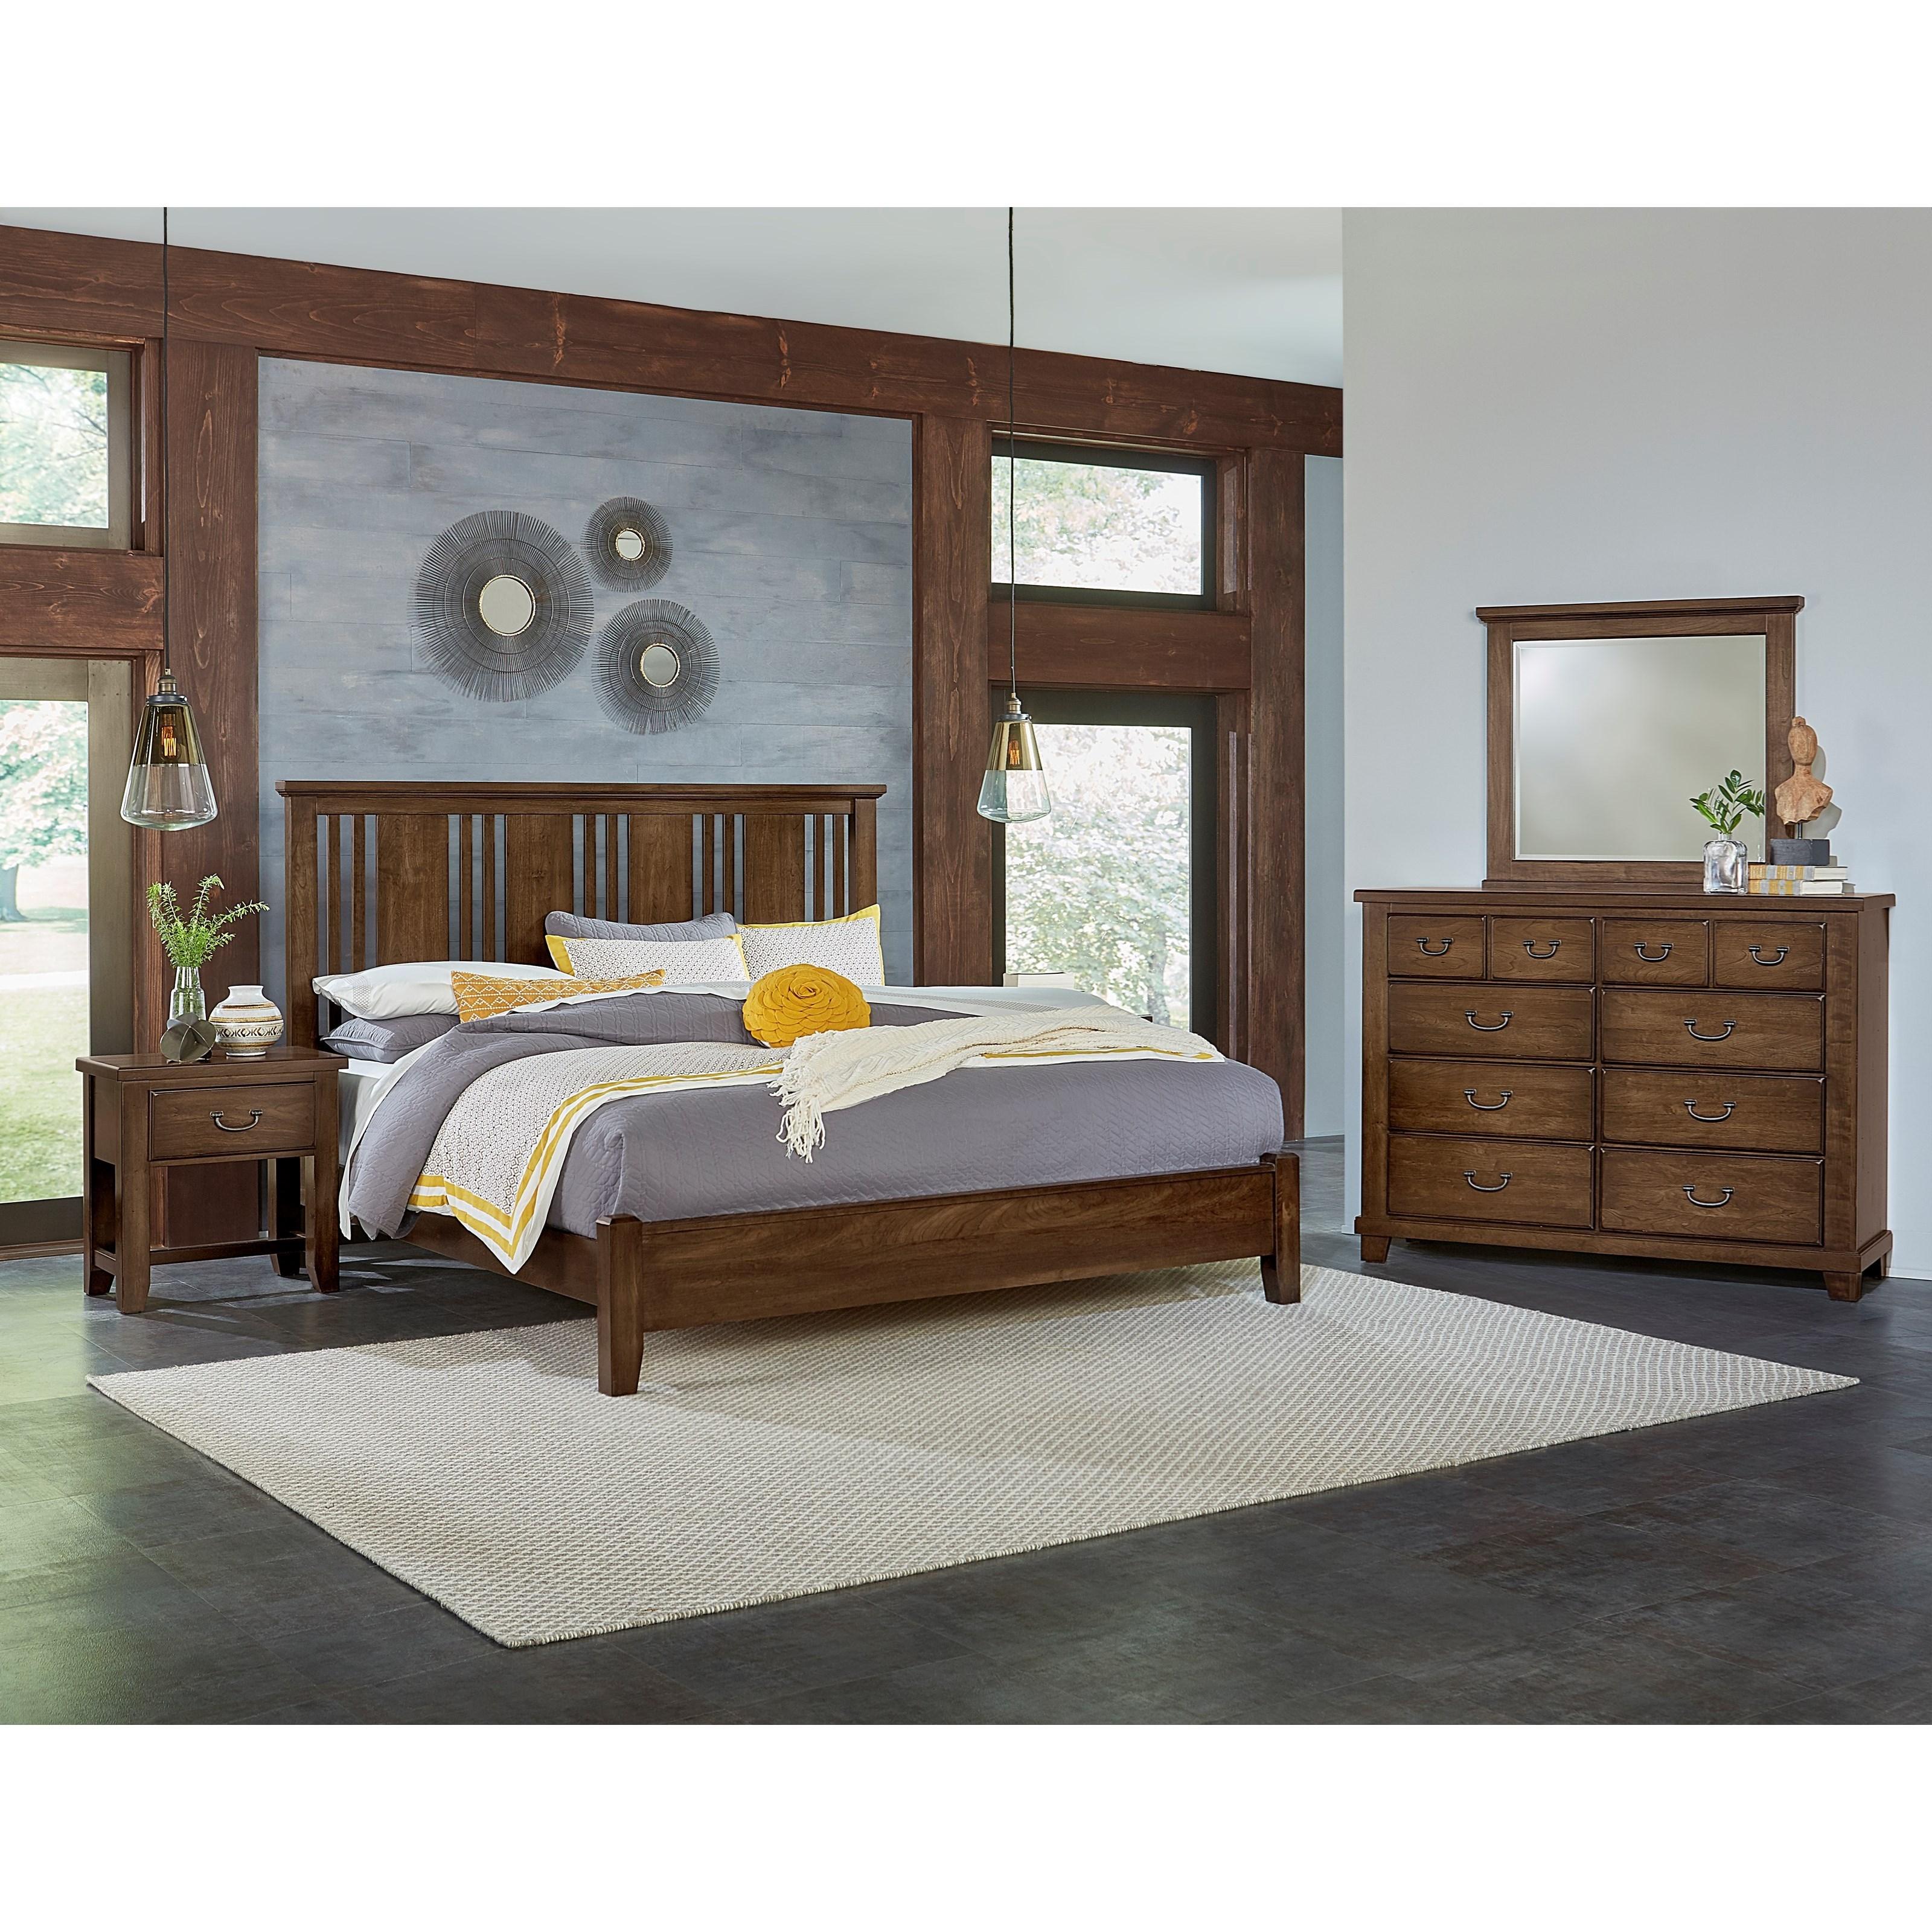 Vaughan Bassett American Cherry Queen Bedroom Group - Item Number: 417 Q Bedroom Group 1